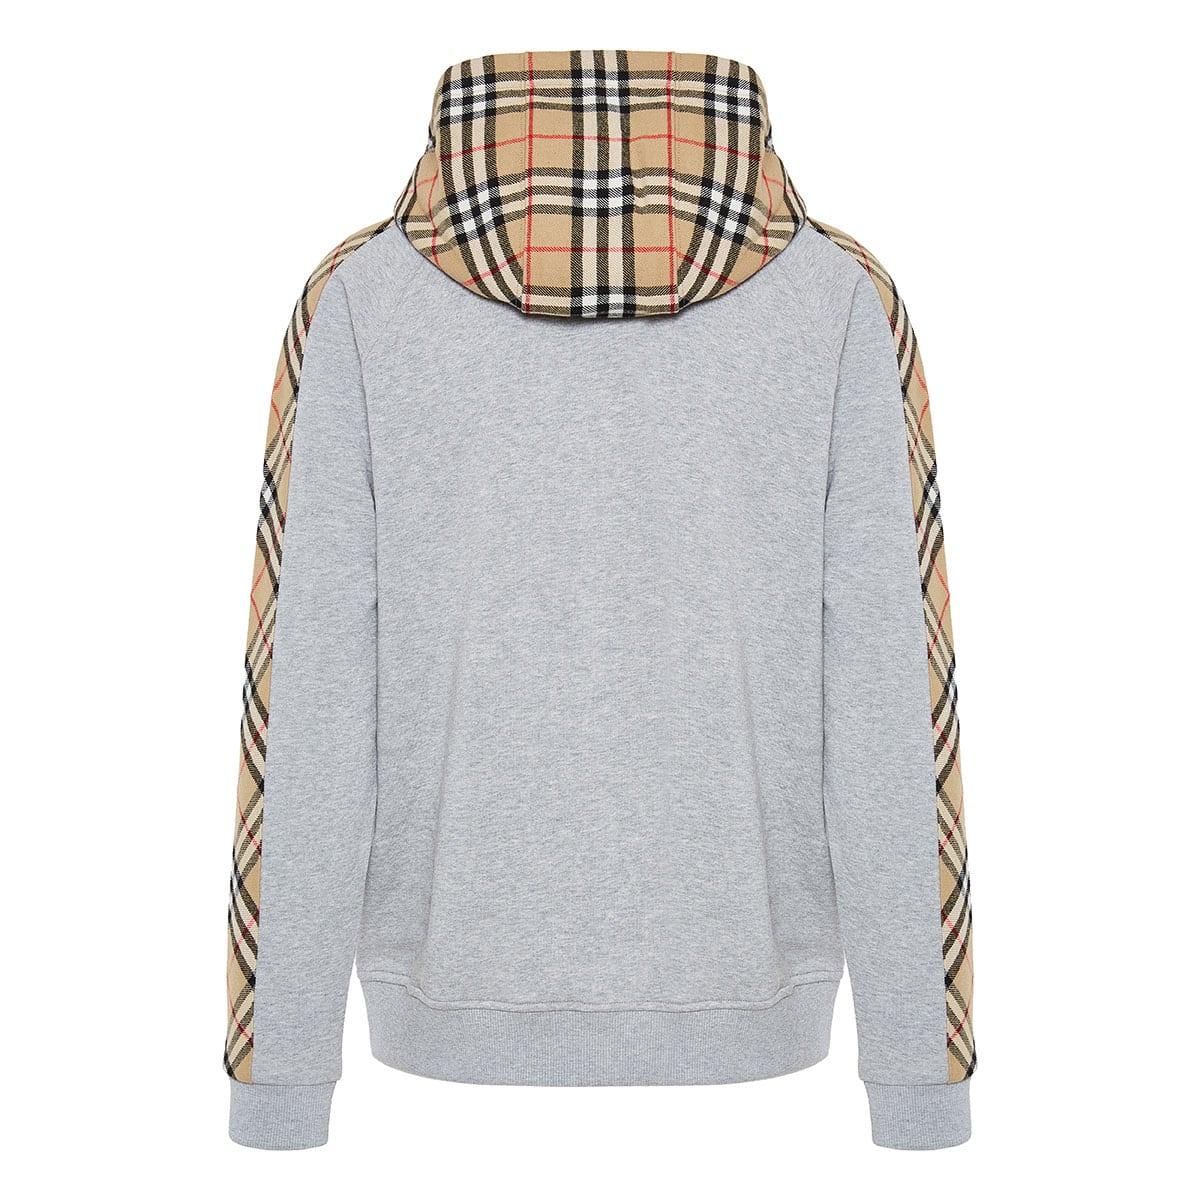 Vintage Check zipper hoodie